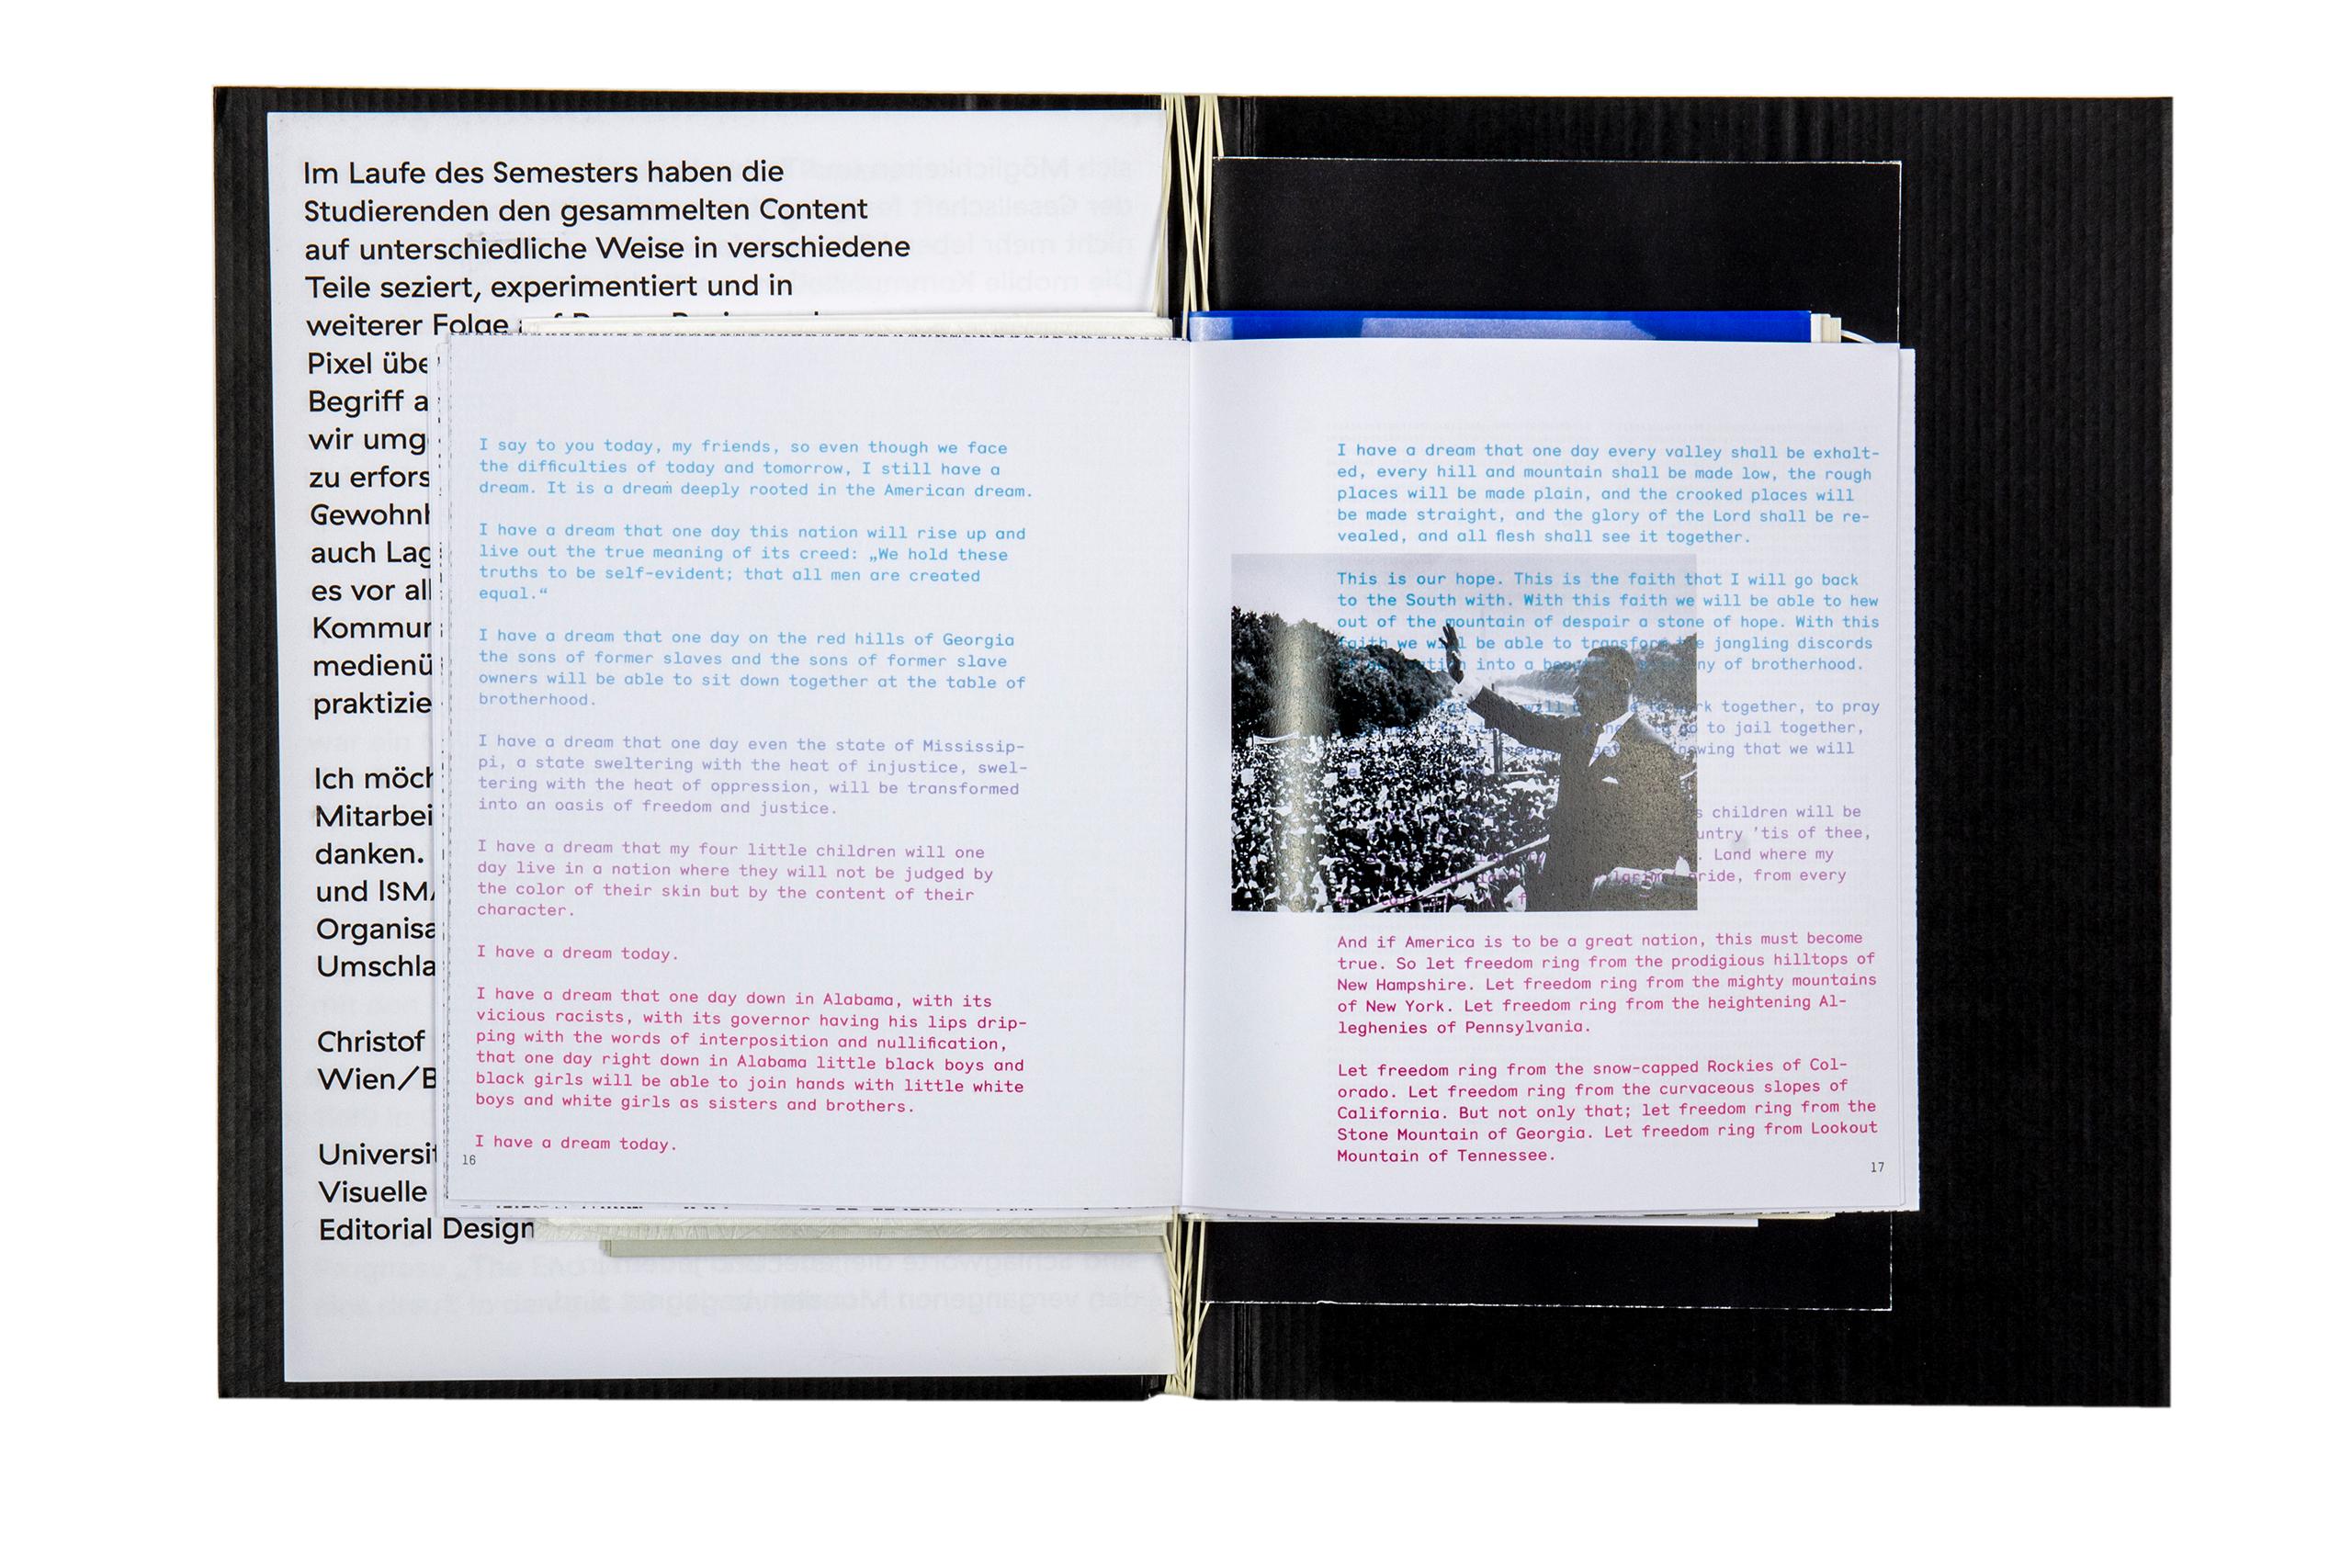 Die Zukunft der Speichermedien Datensicherung mixed media installation Buchgestaltung Publikation Seibdruck Installation Pflanze Projektion